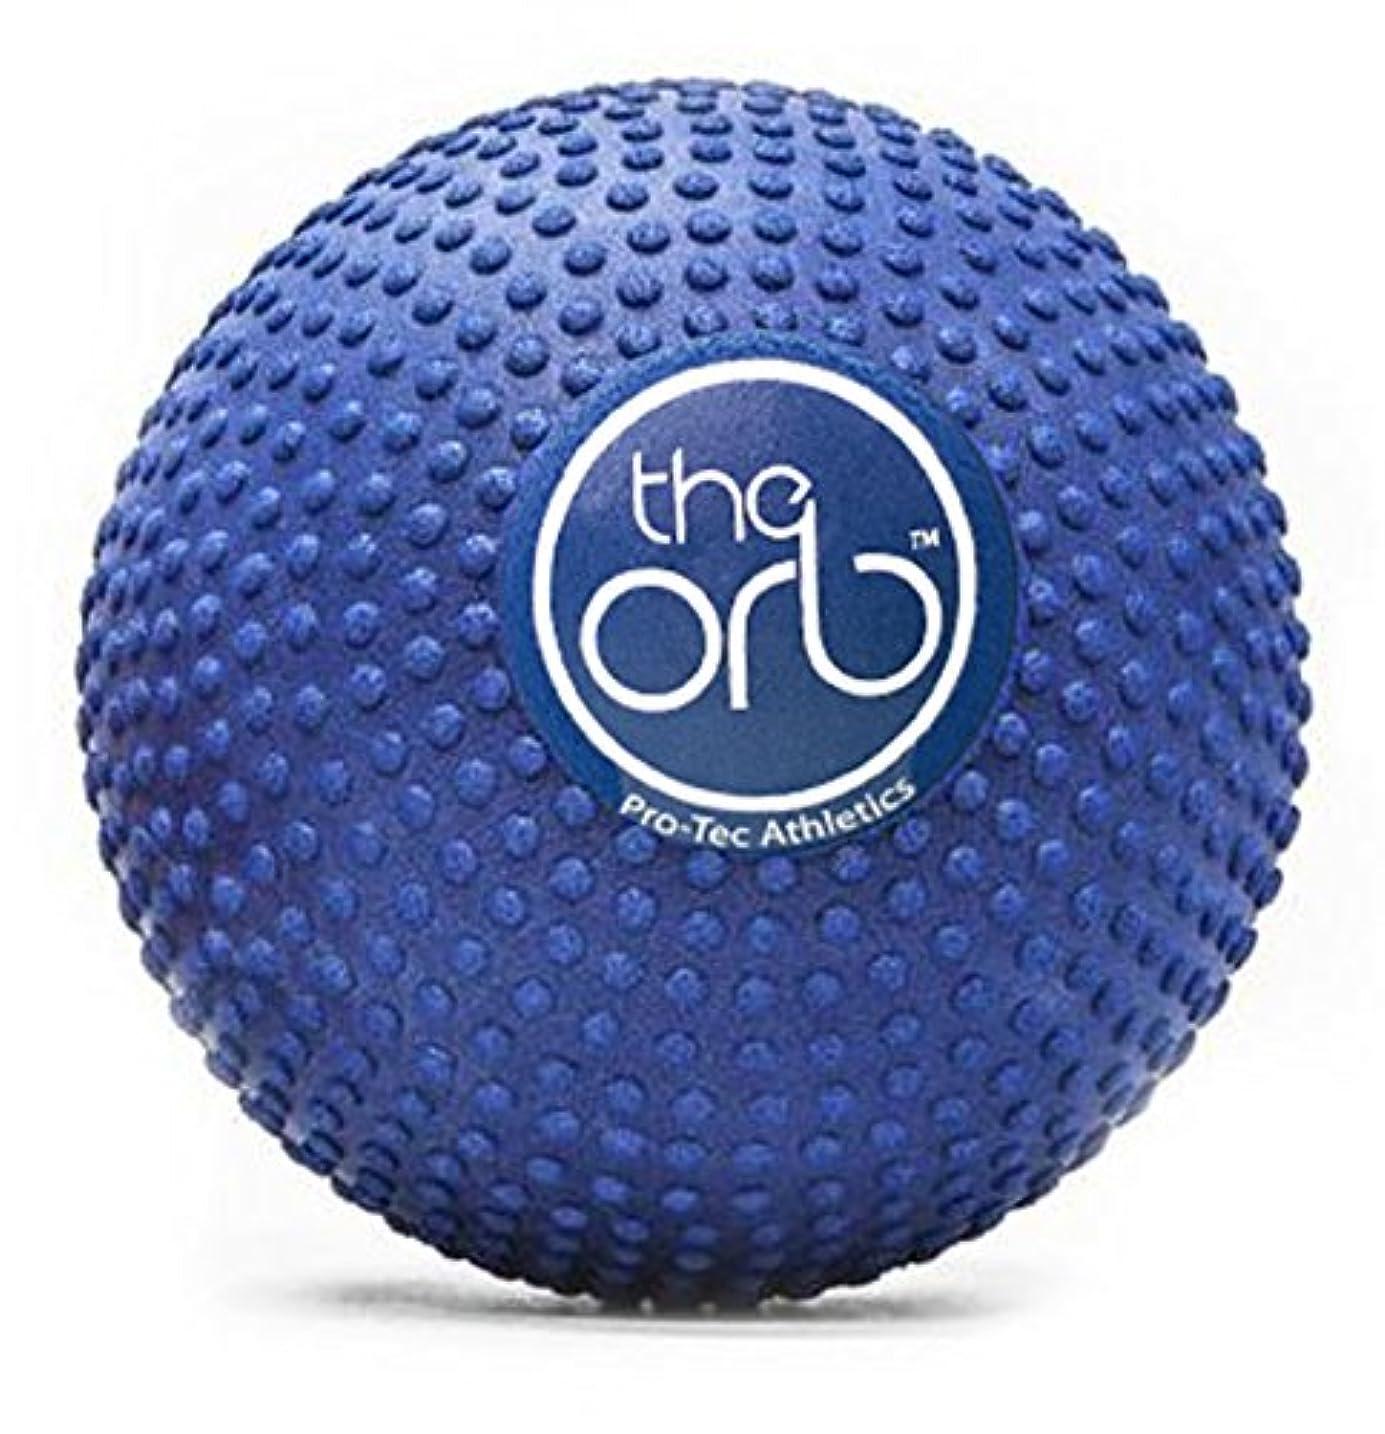 非行衣服ヒューマニスティックPro-Tec Athletics(プロテックアスレチックス) The Orb 5